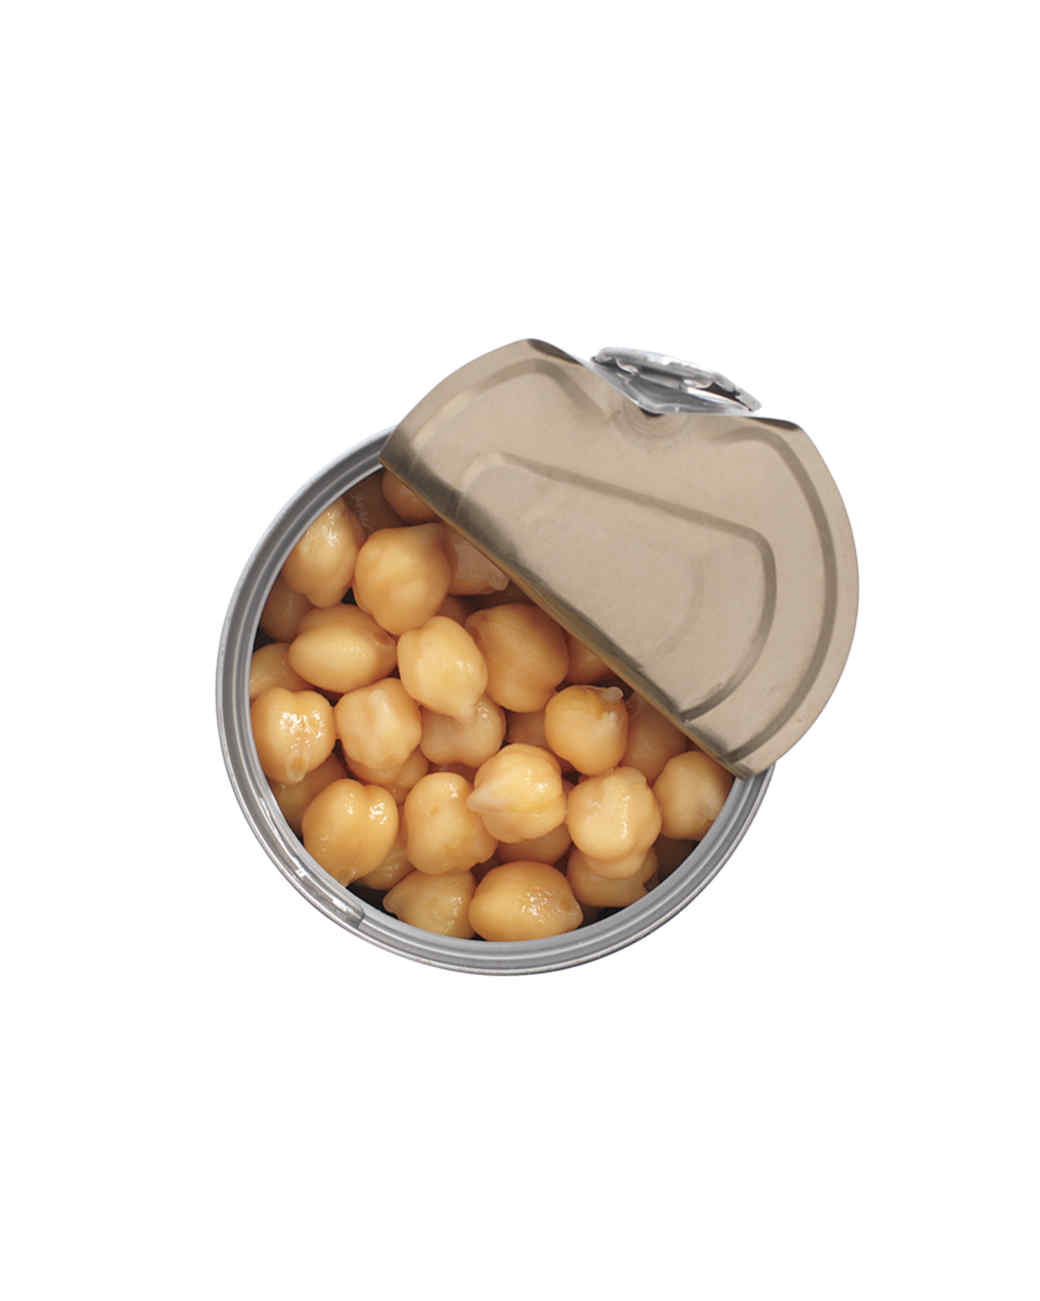 canned-chickpeas-med108532.jpg